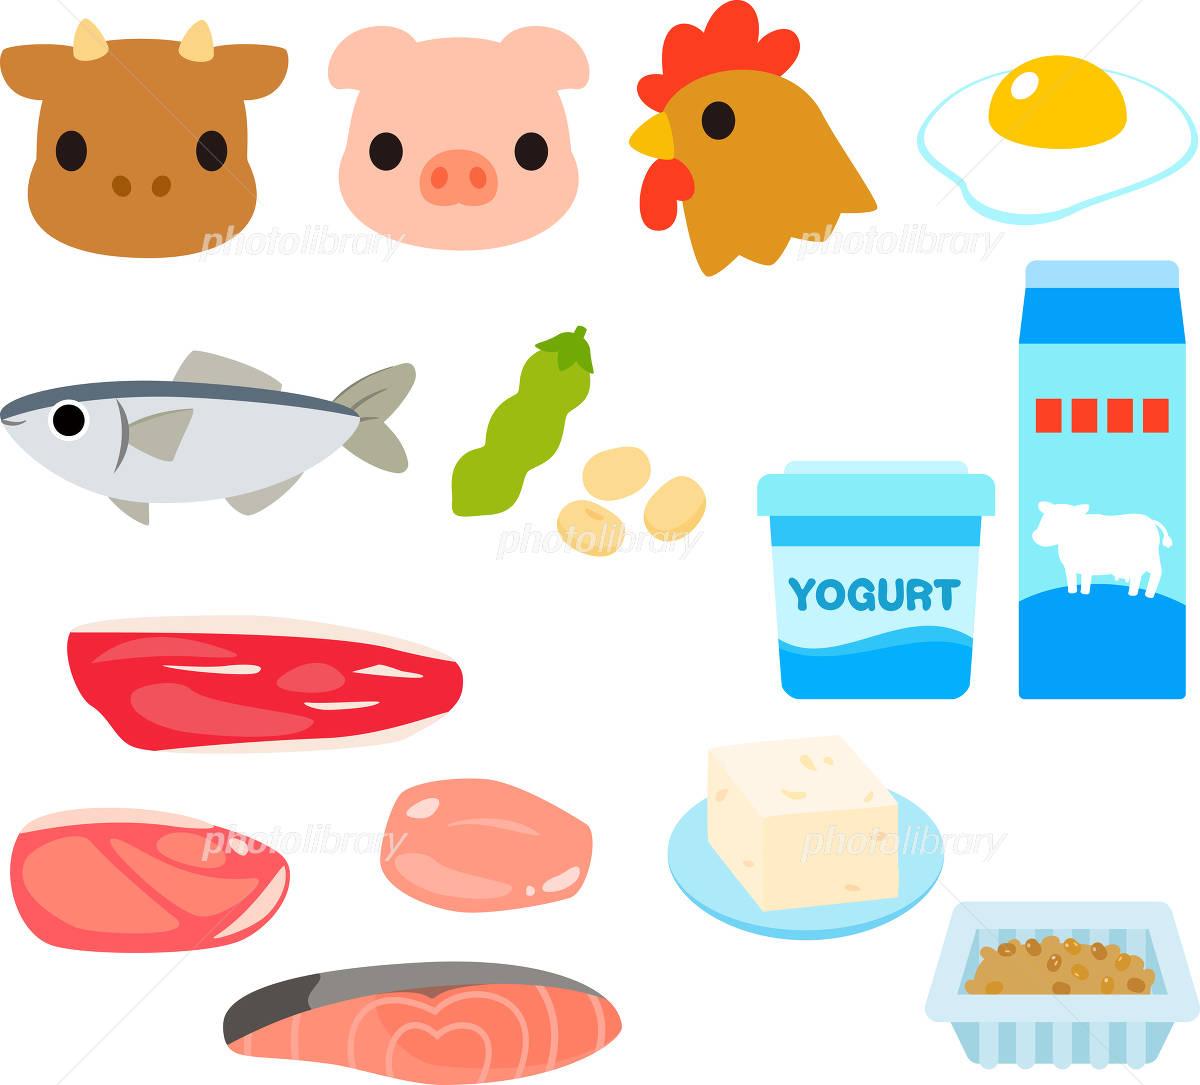 「タンパク質 イラスト フリー」の画像検索結果